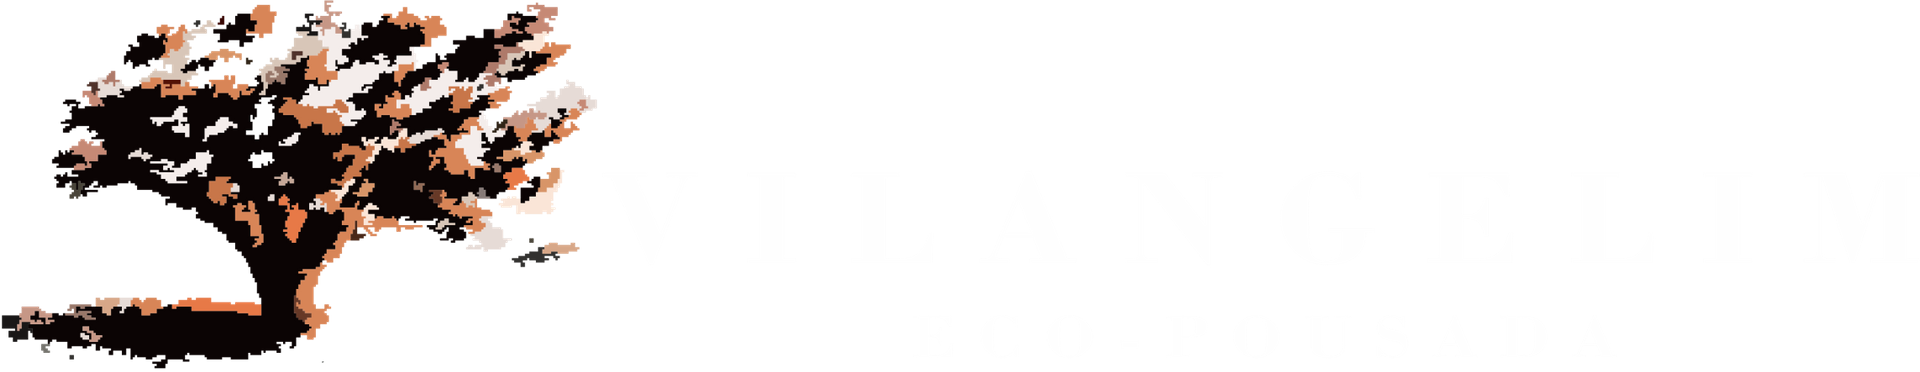 Vilangelim Eco-Pousada